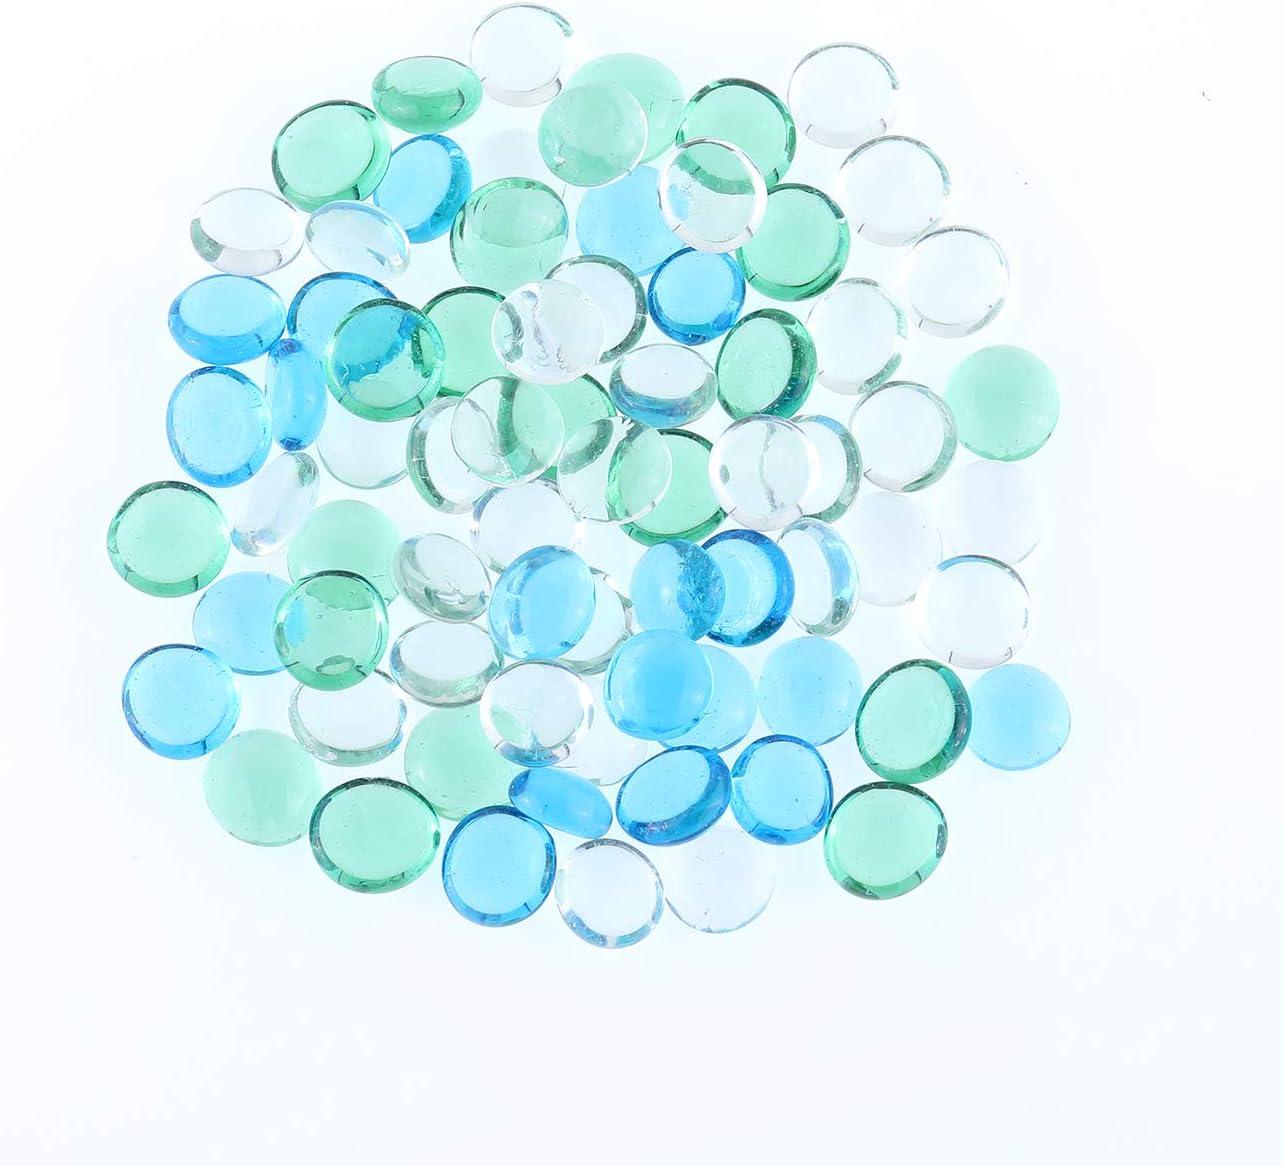 Mipruct Vase Filler,Colorful Crystal,Stone Gem for Garden,Decorative Glass Beads,Glass Gem in Vase,0.75LB-Approx 75pack (Light Mix)